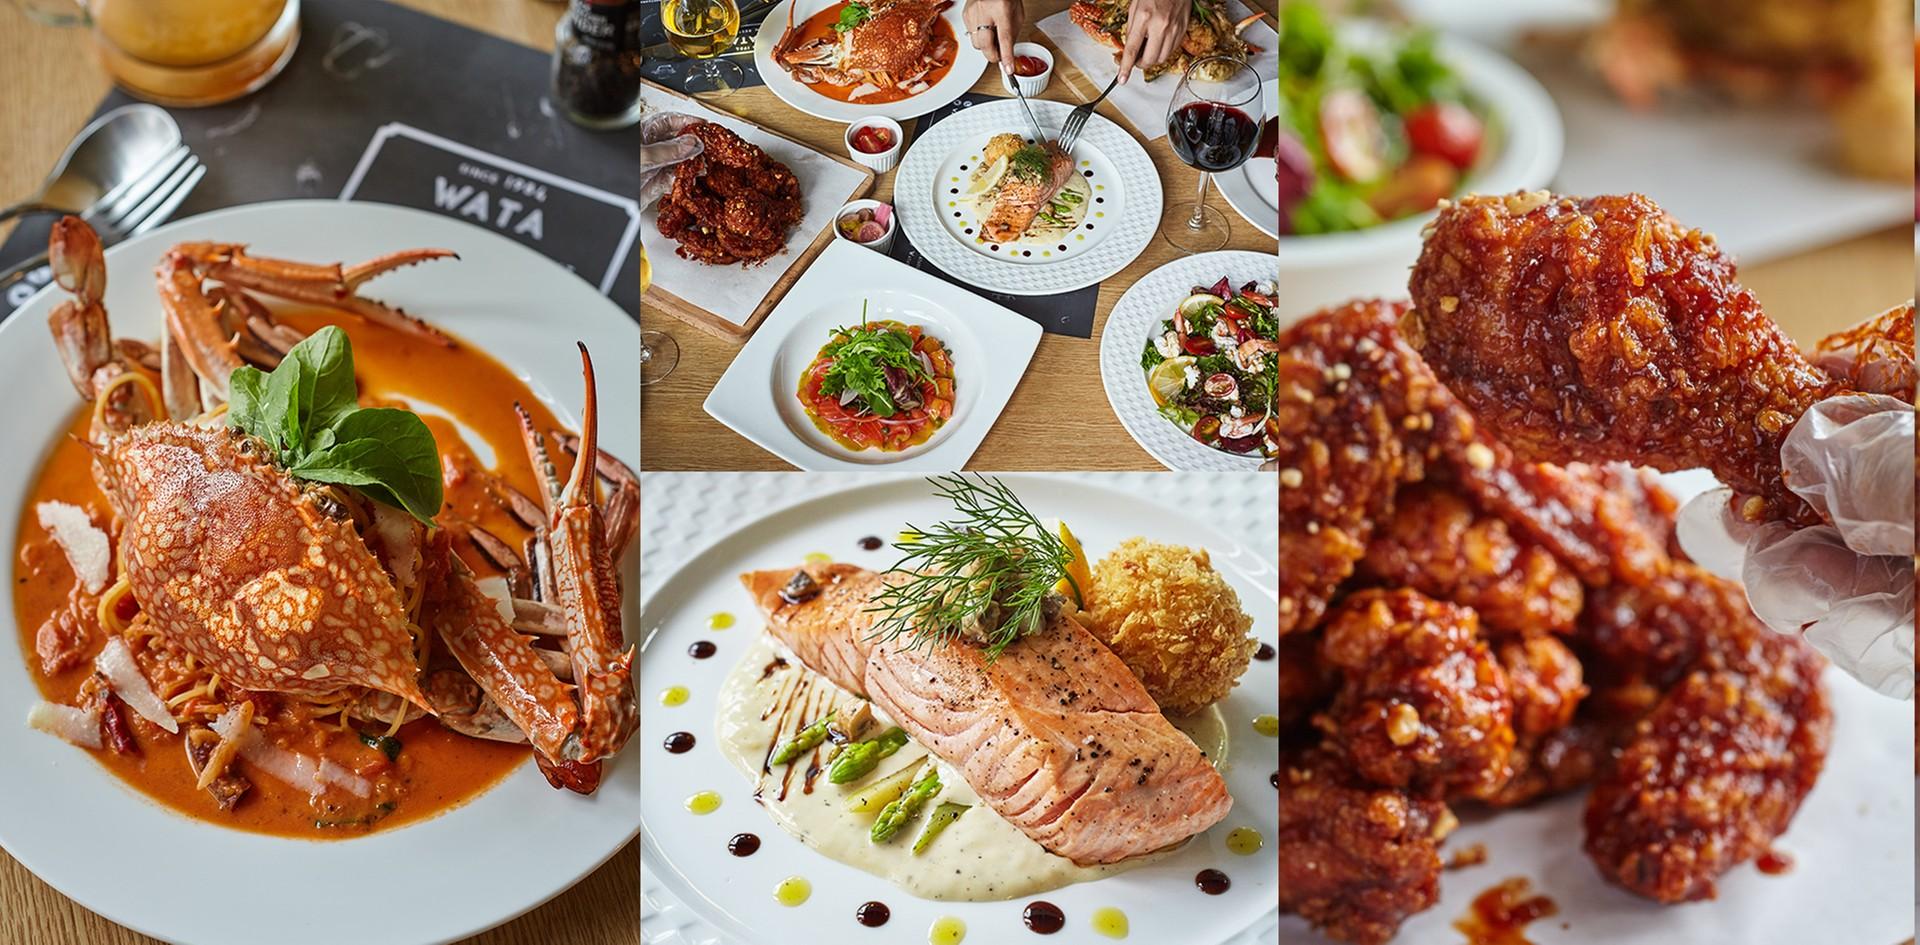 ตอบโจทย์ทุกปาก! อาหารฟิวชั่นพรีเมียมสไตล์ยุโรปจรดเกาหลีที่ Wata Fusion